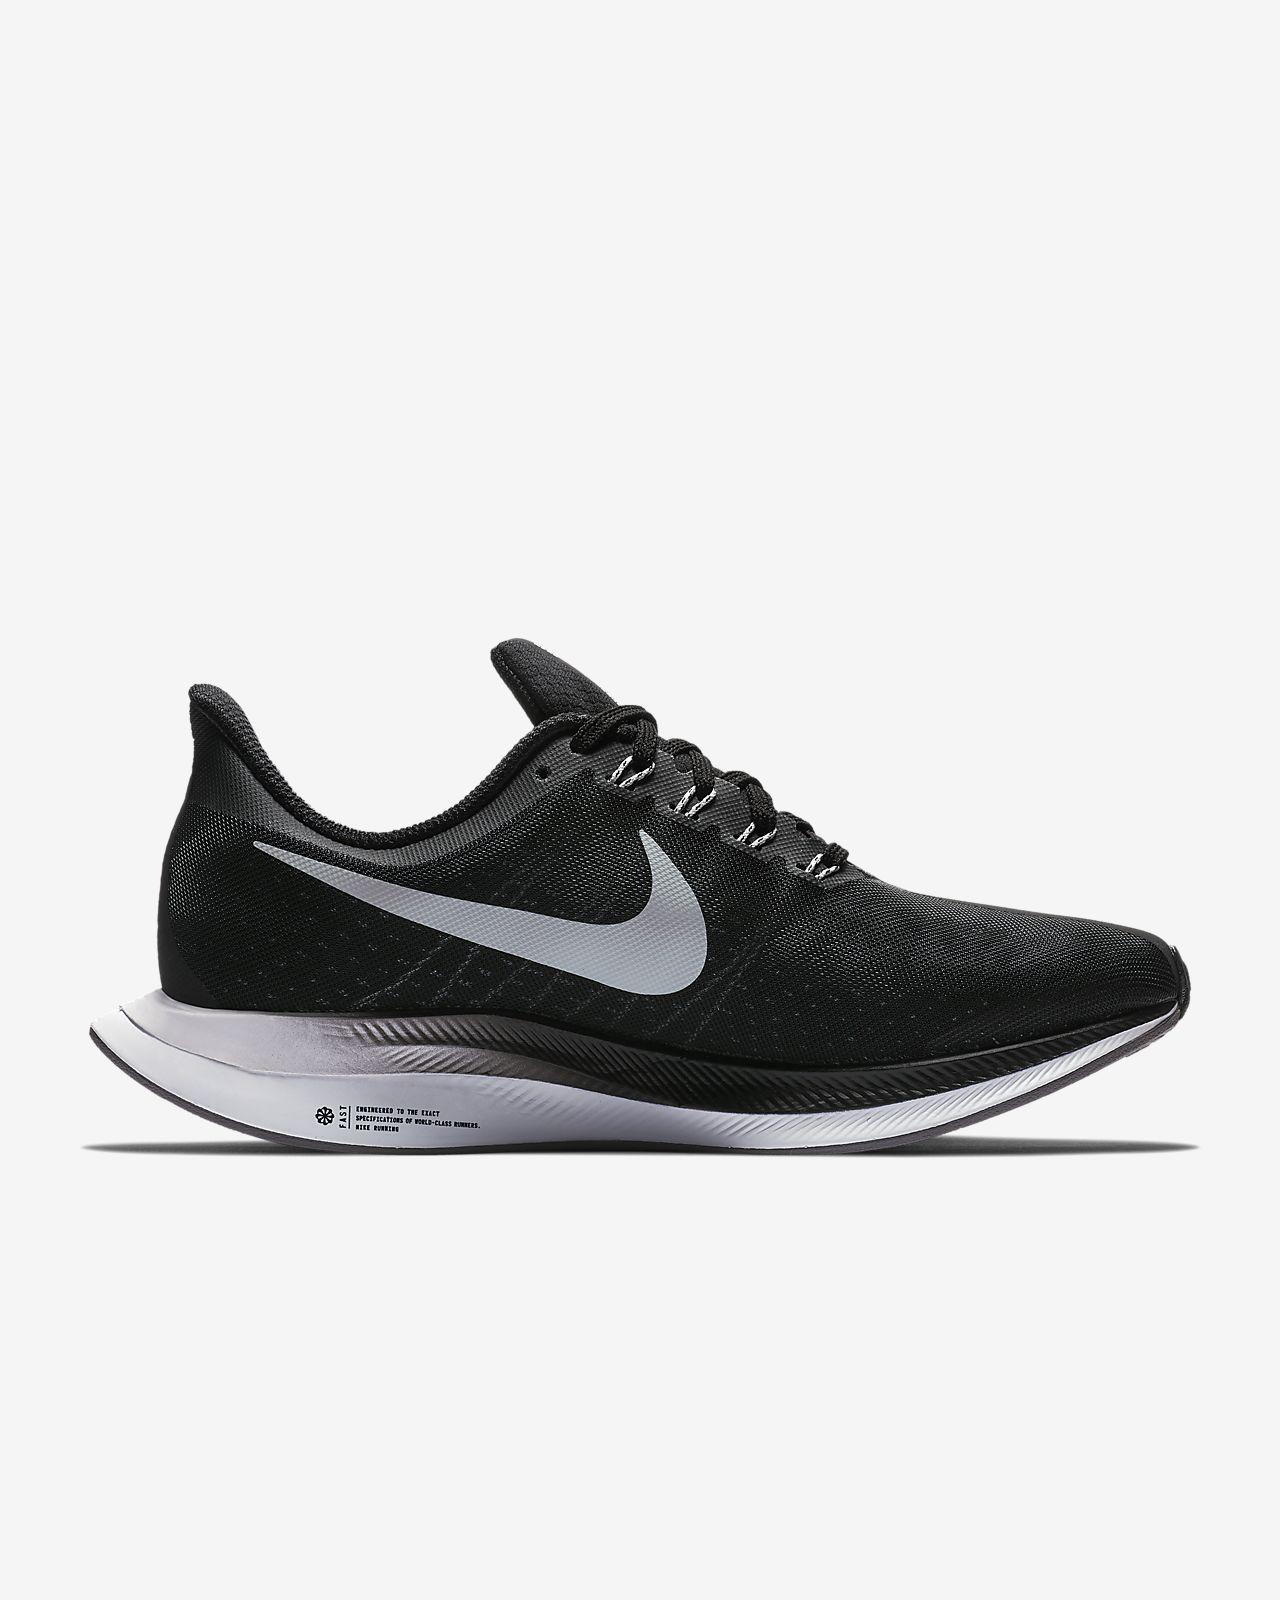 a81ab1cbdd9 Nike Zoom Pegasus Turbo Hardloopschoen voor dames. Nike.com NL